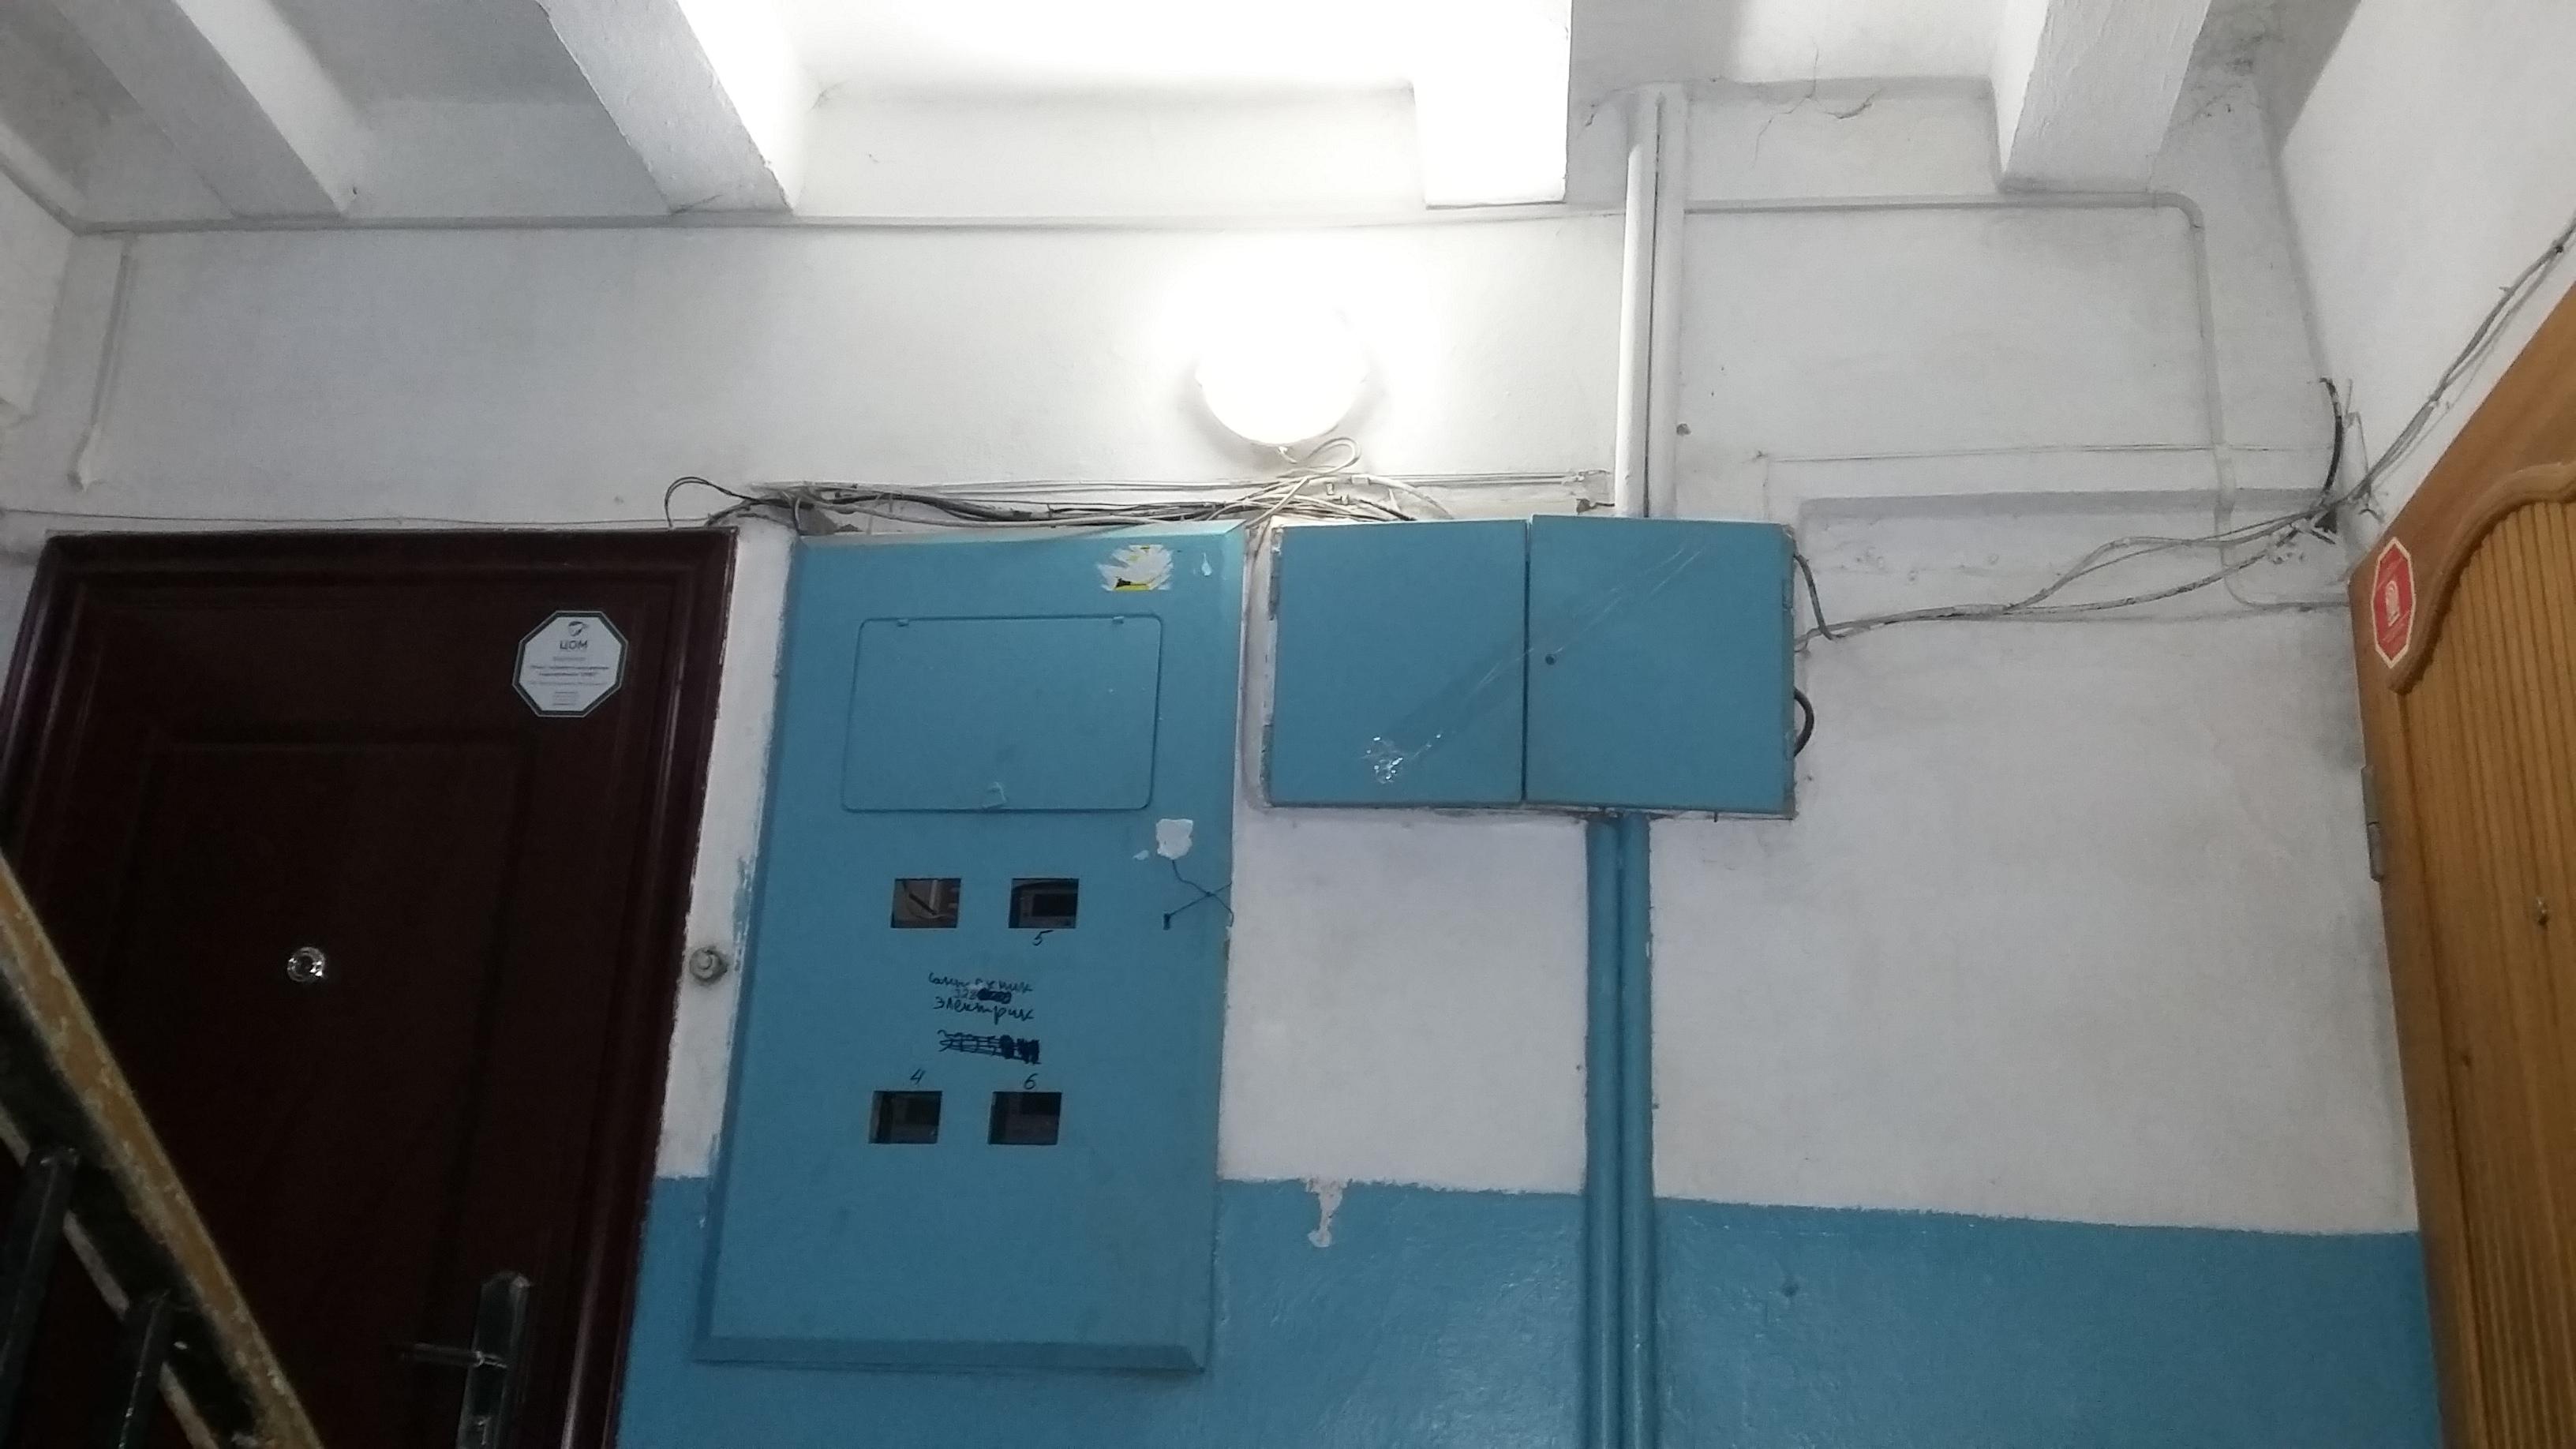 Фото Монтаж защищенного светильника в подъезде. Штукатурка и левкас с покраской потолка на лестничной площадке. 2 дня.